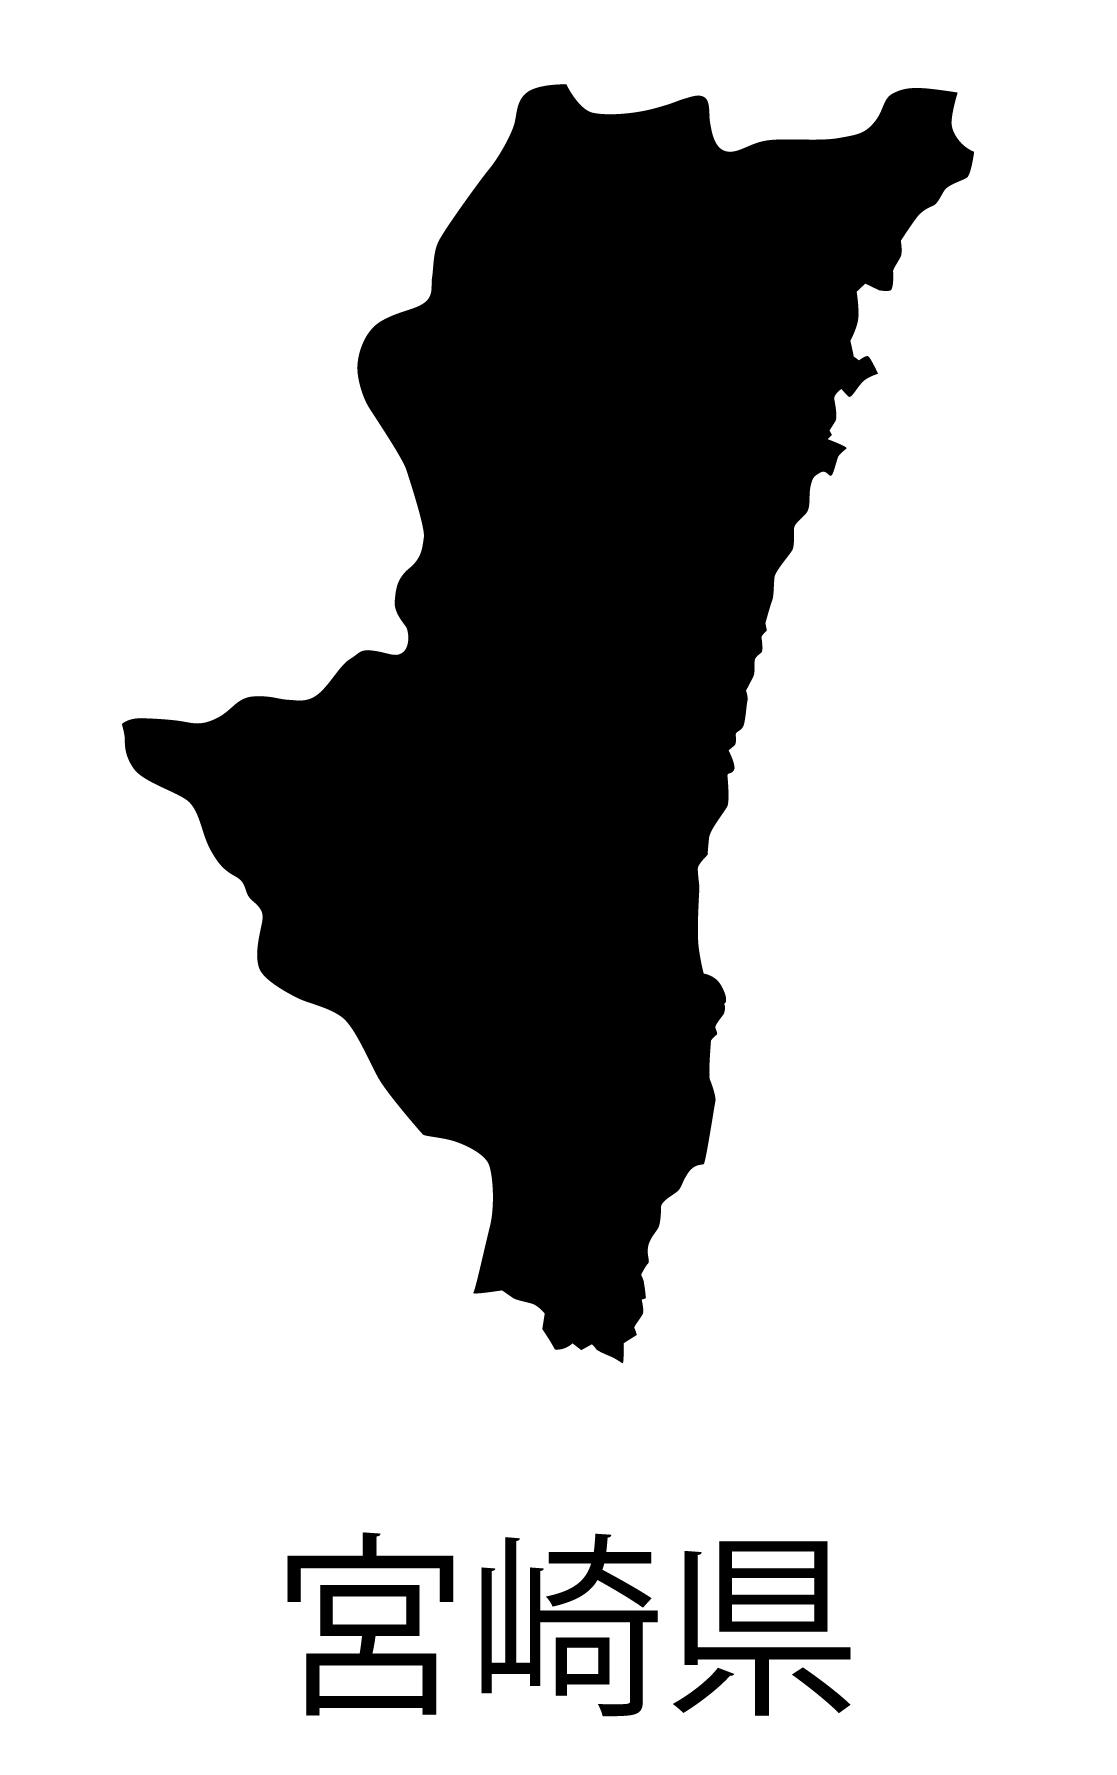 宮崎県無料フリーイラスト|日本語・都道府県名あり(黒)